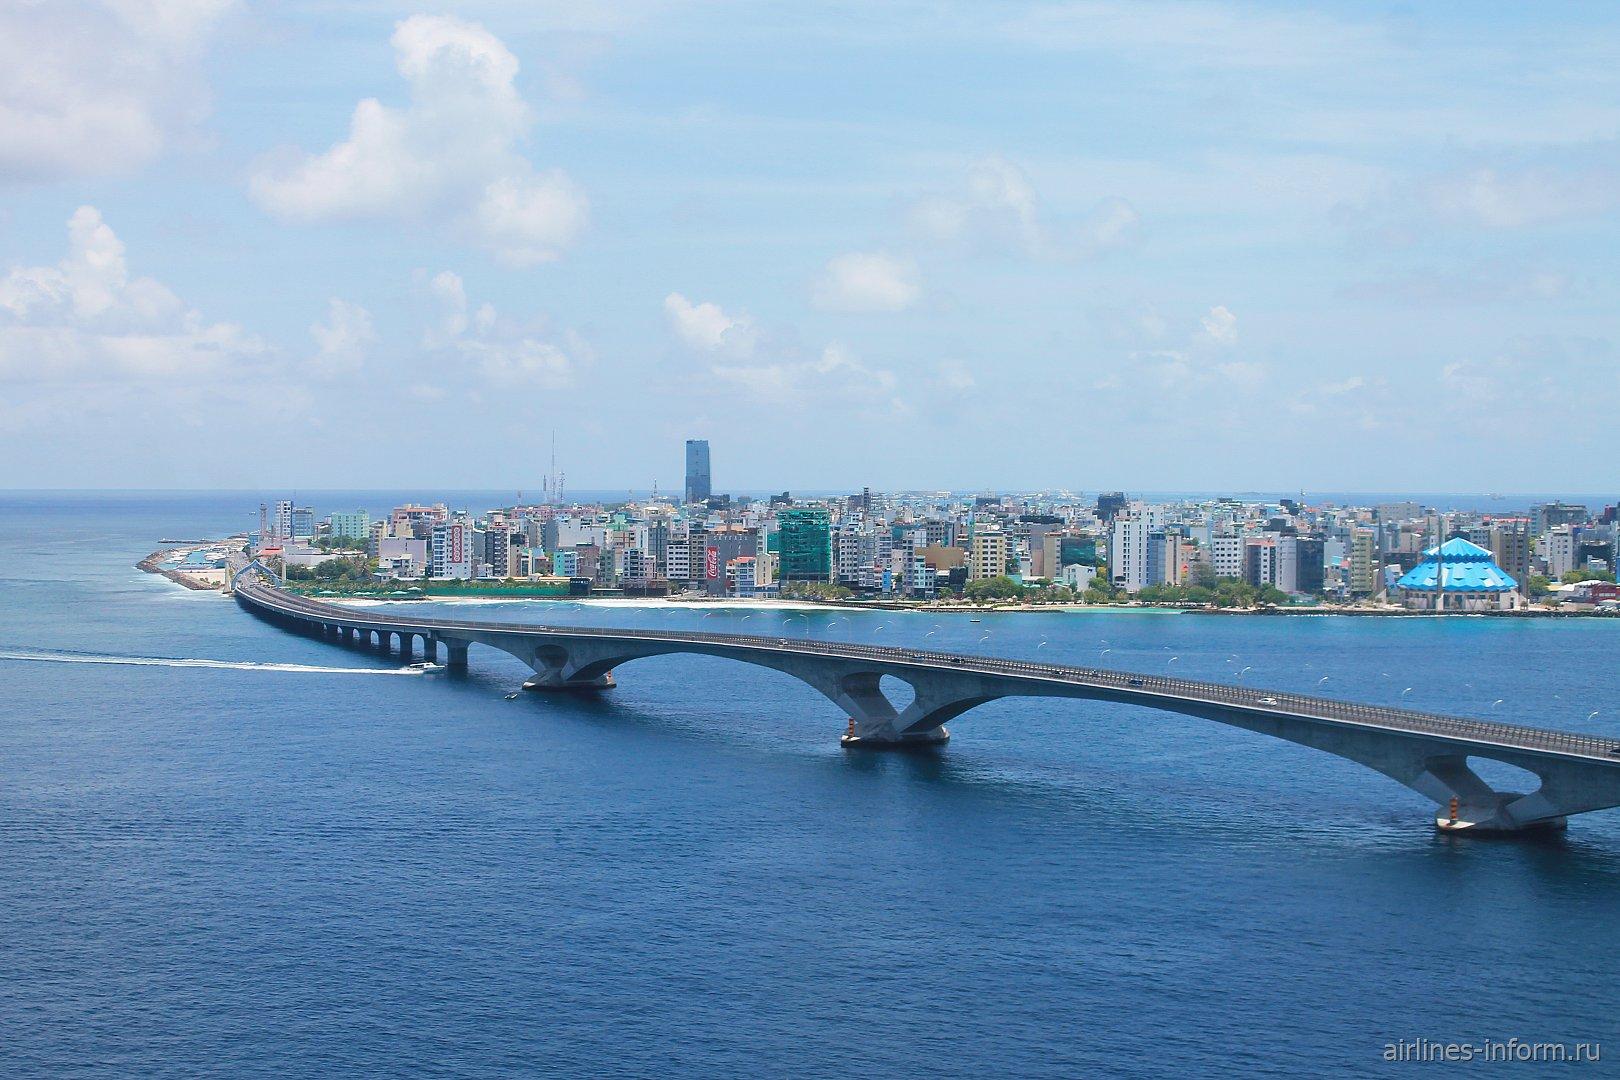 Автомобильный мост в Мале